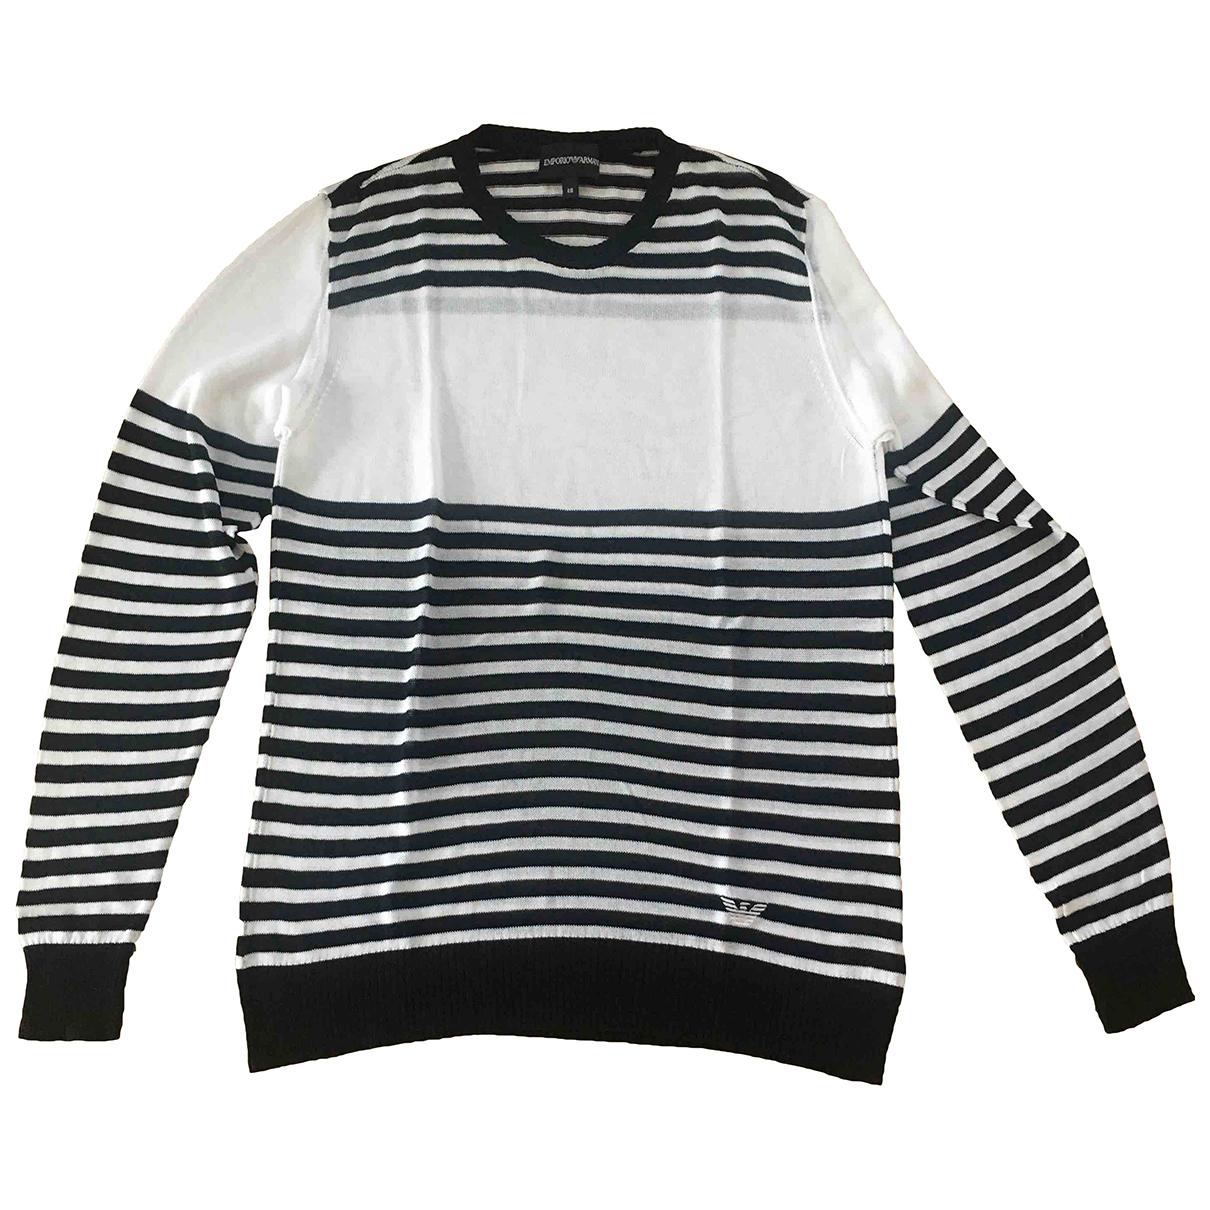 Emporio Armani - Pulls.Gilets.Sweats   pour homme en coton - blanc